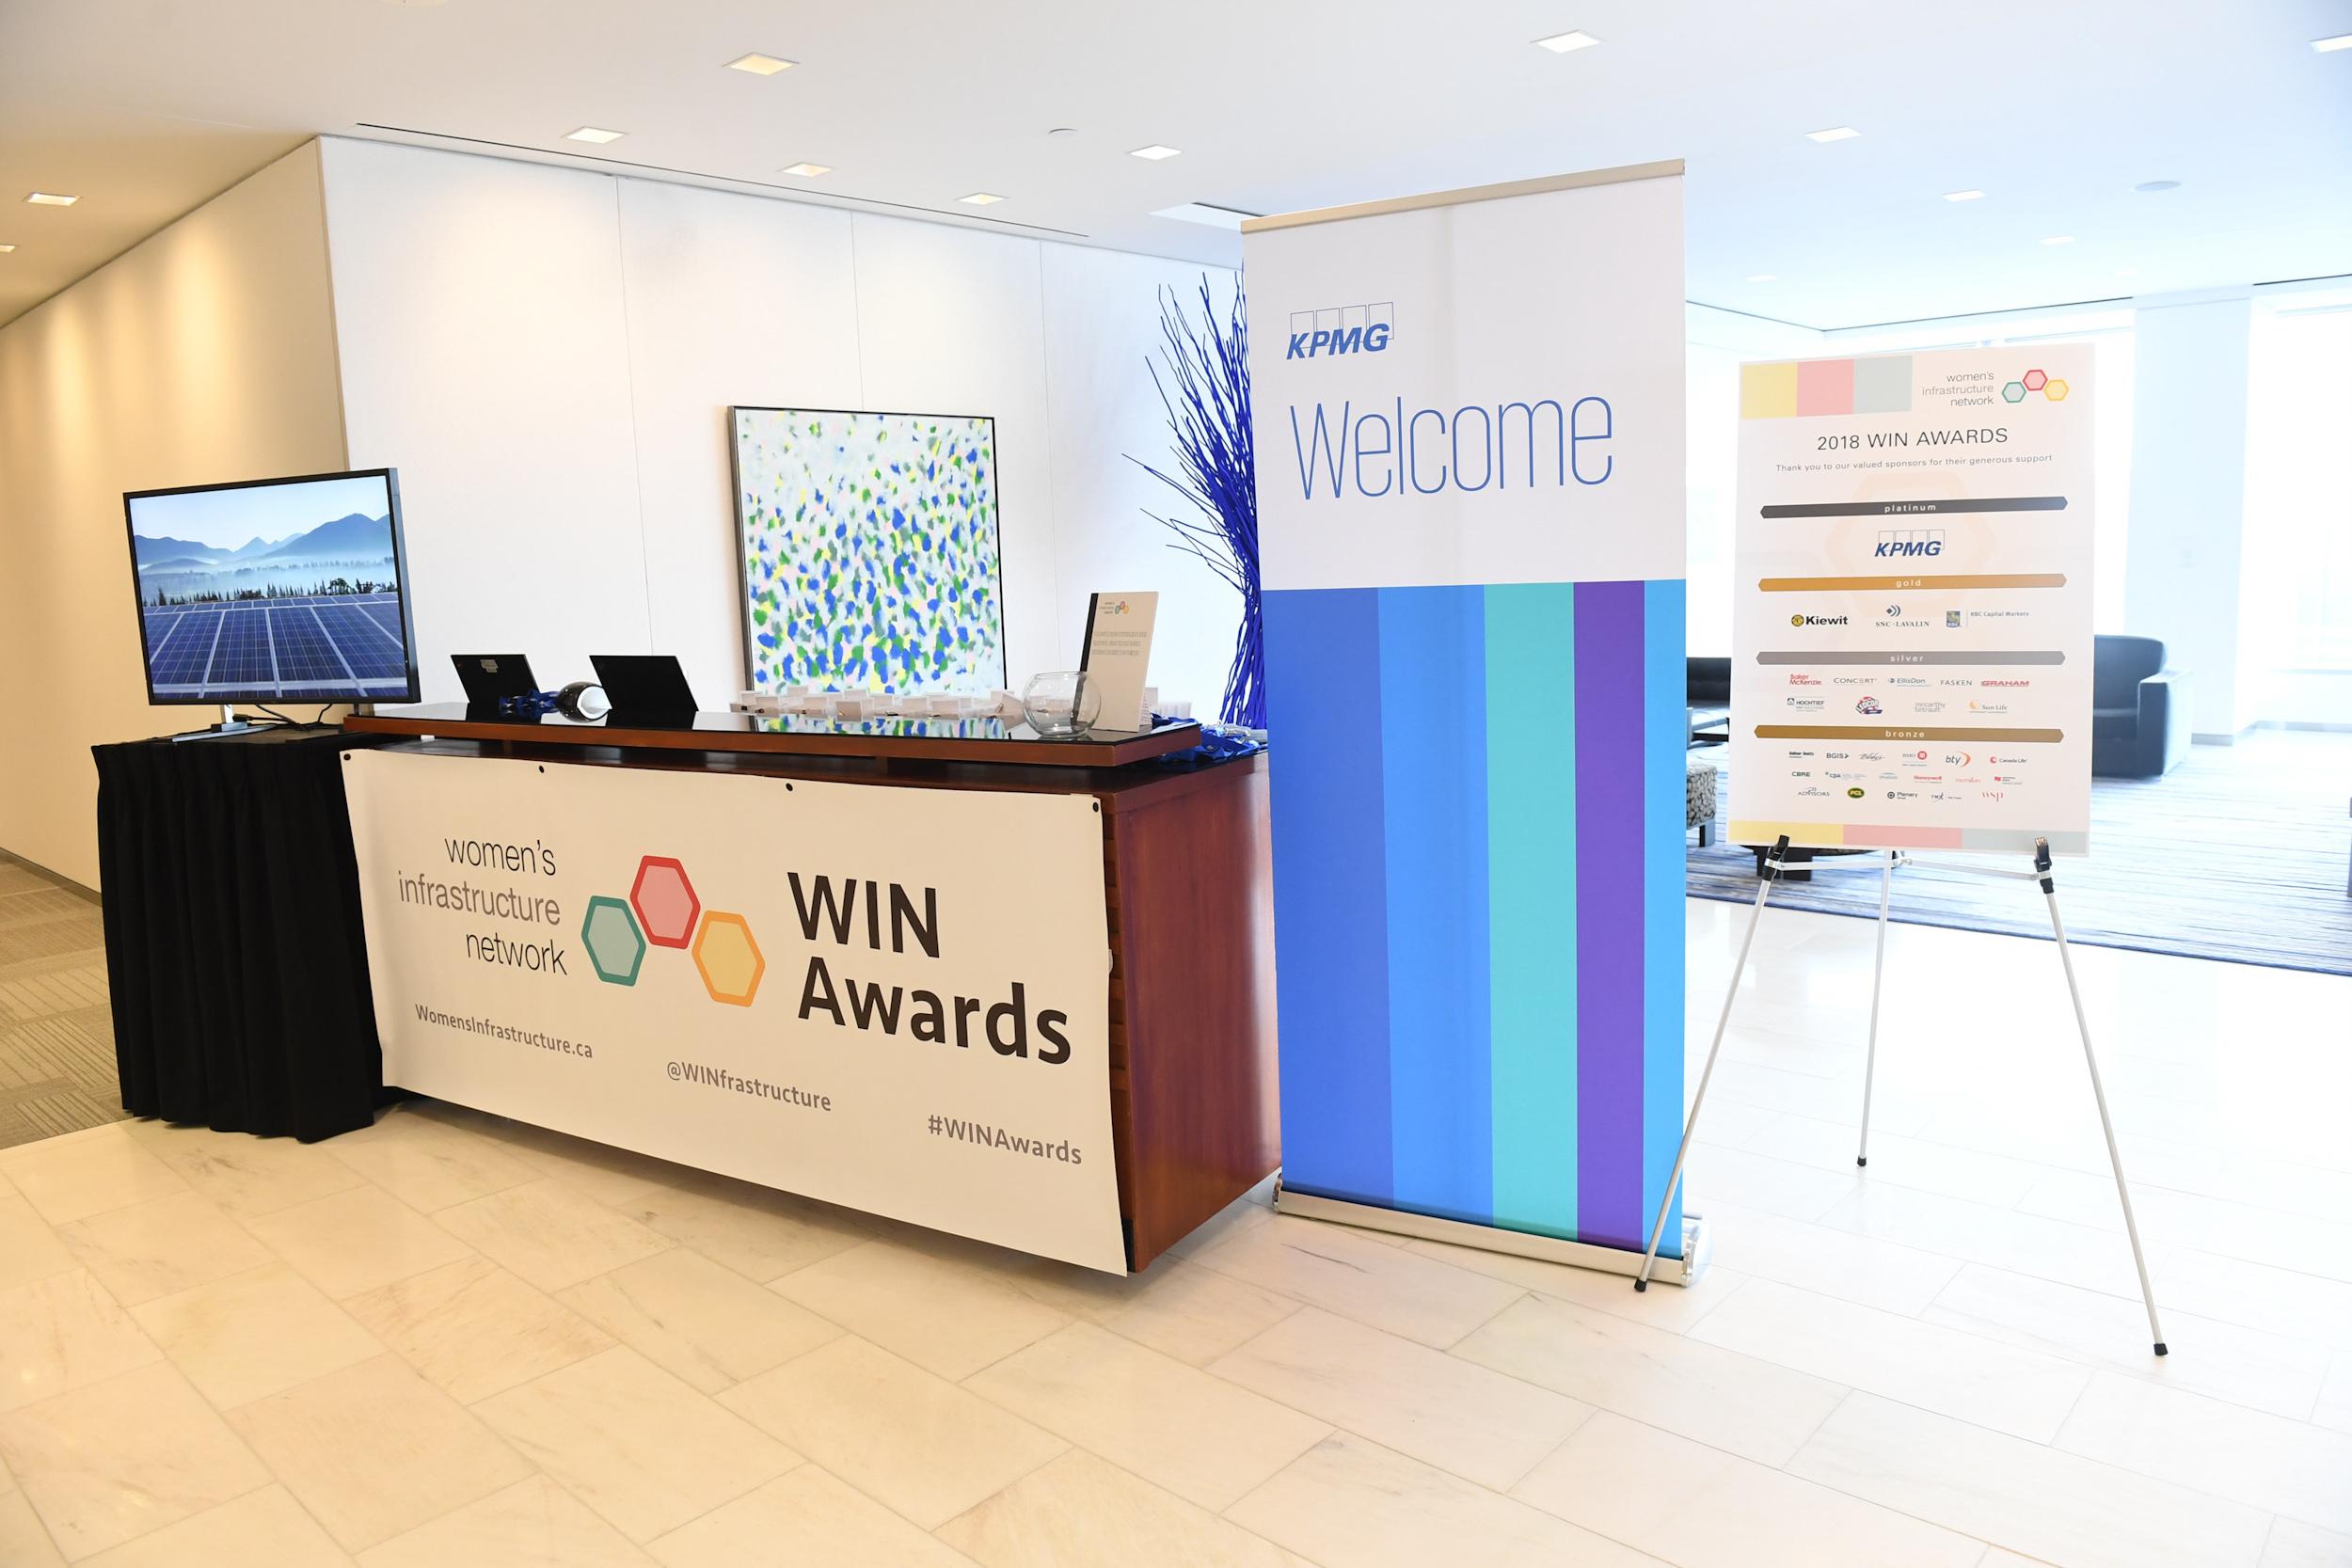 2018 WIN Awards